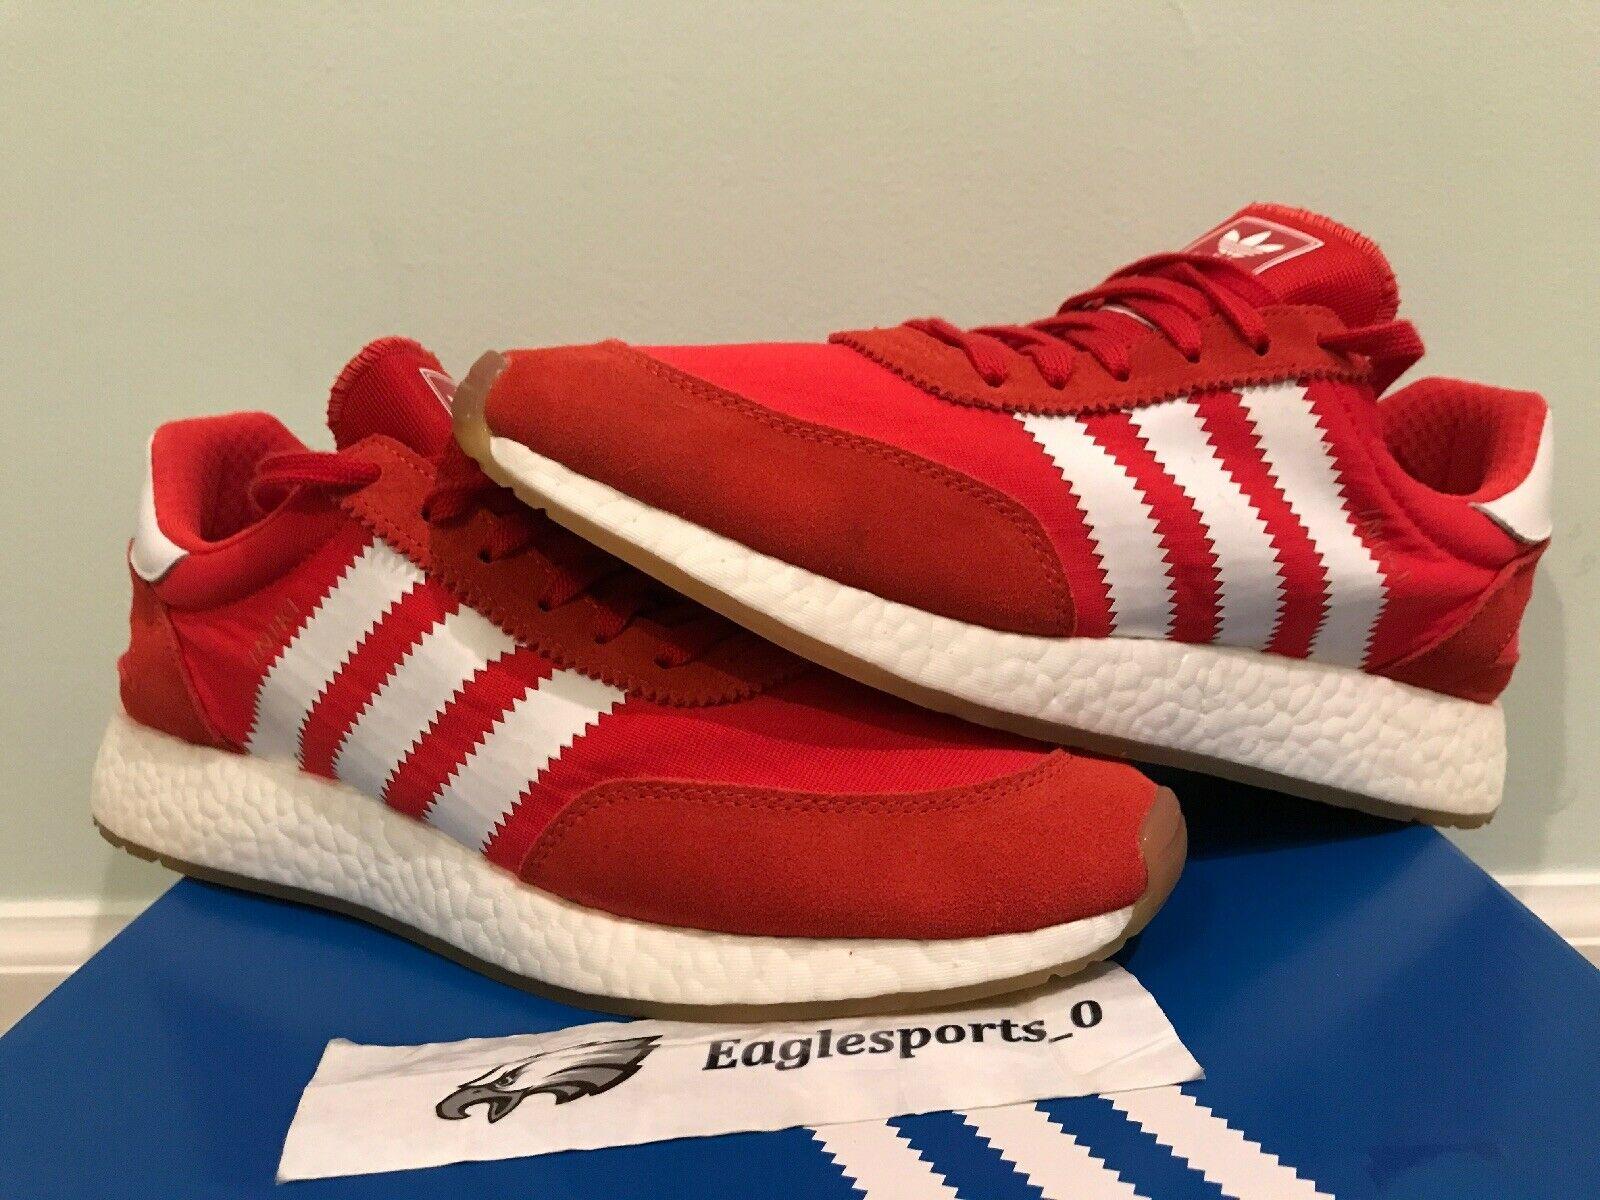 Adidas Iniki Runner Red White Gum